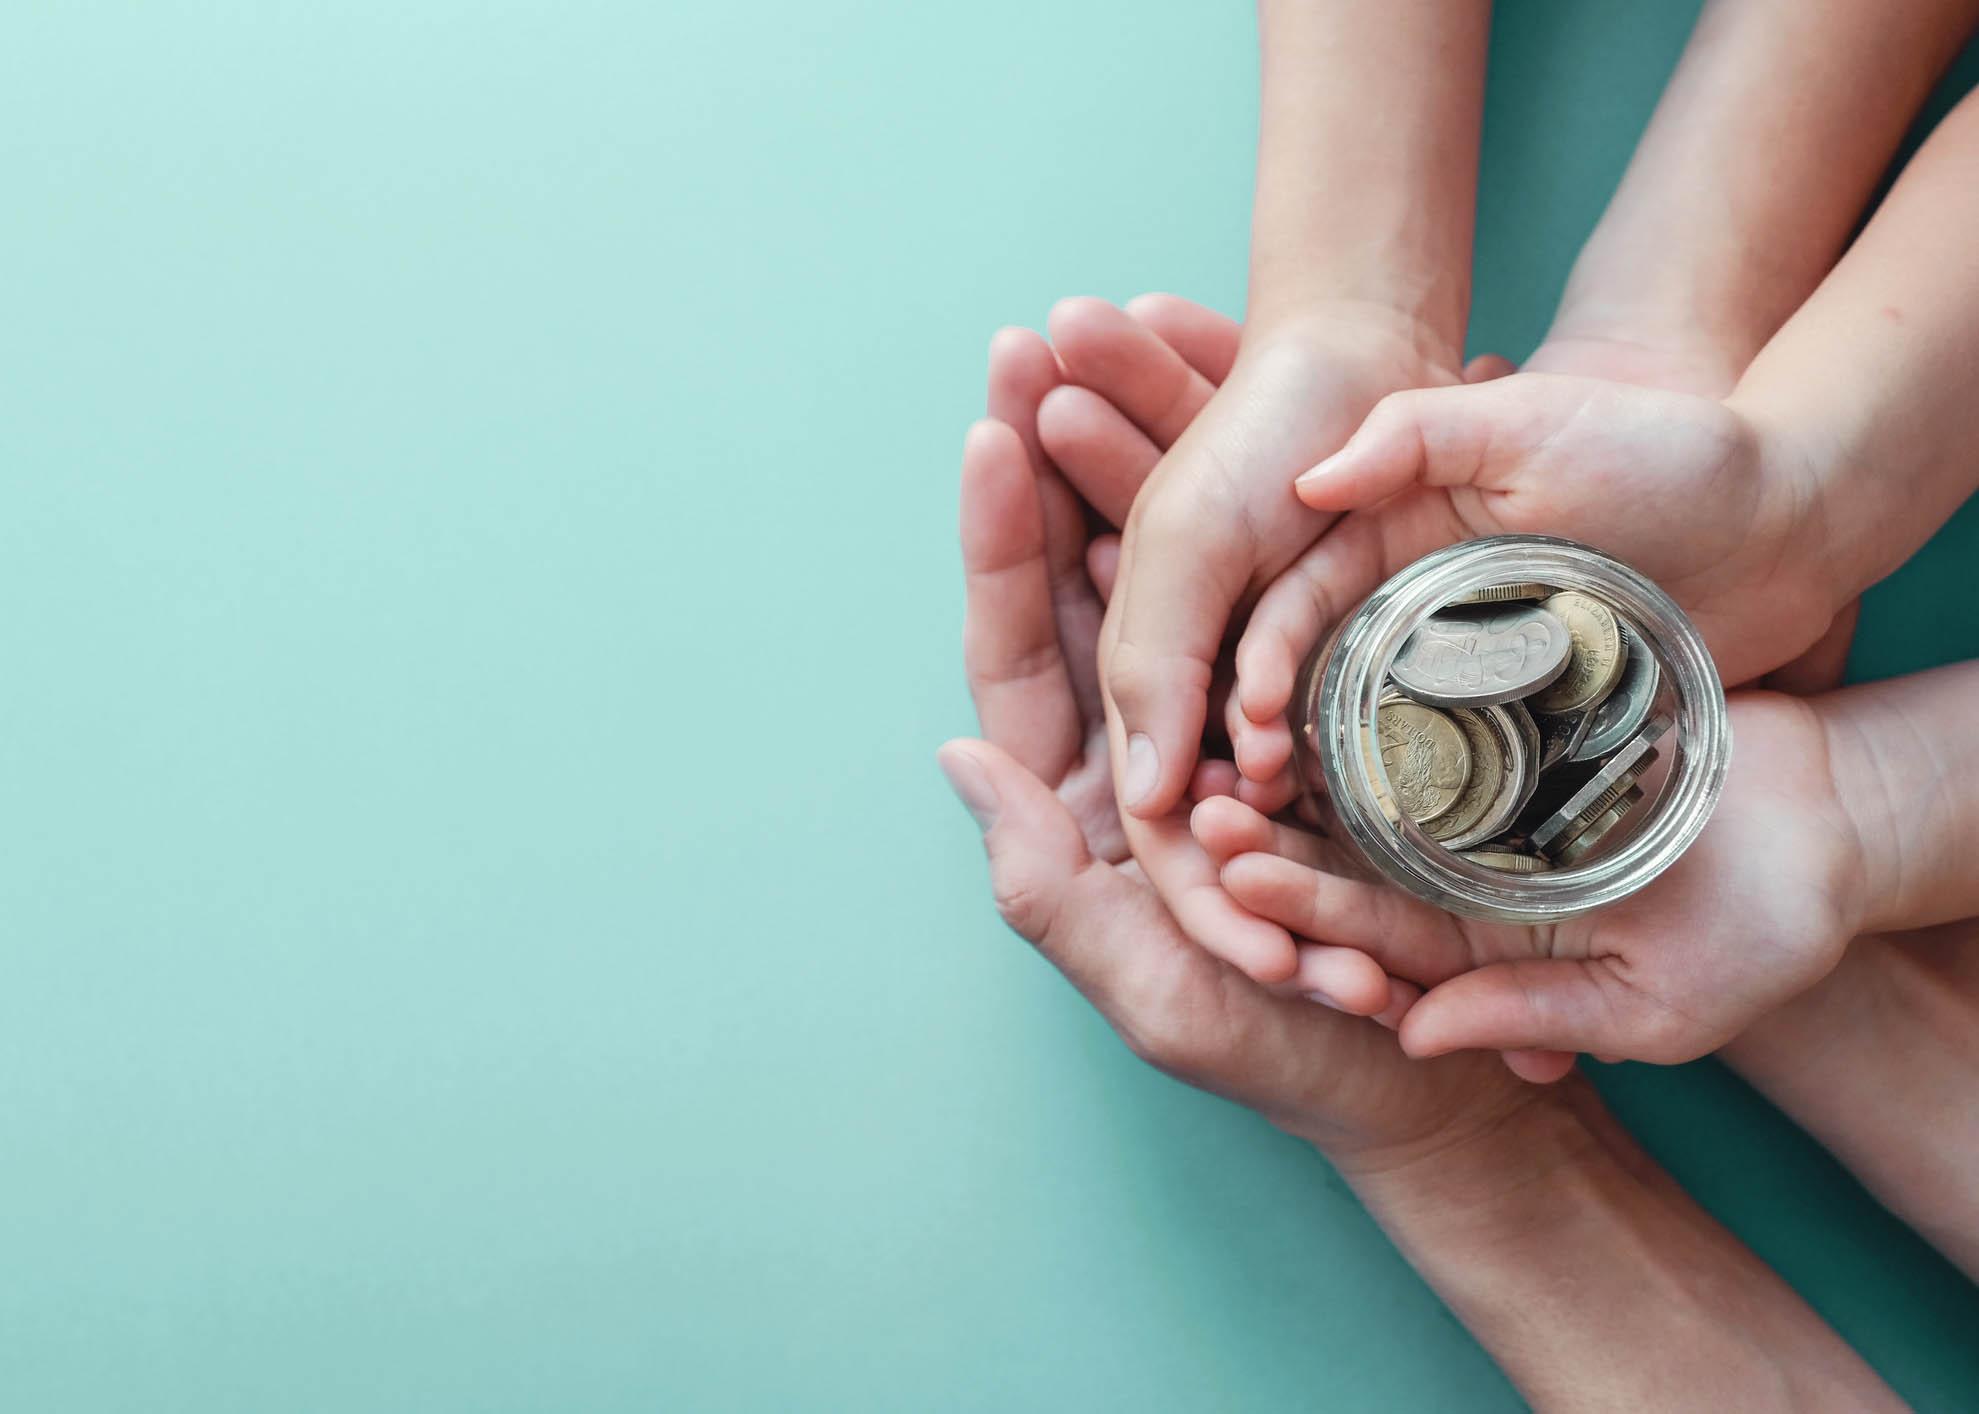 poupar dinheiro em família